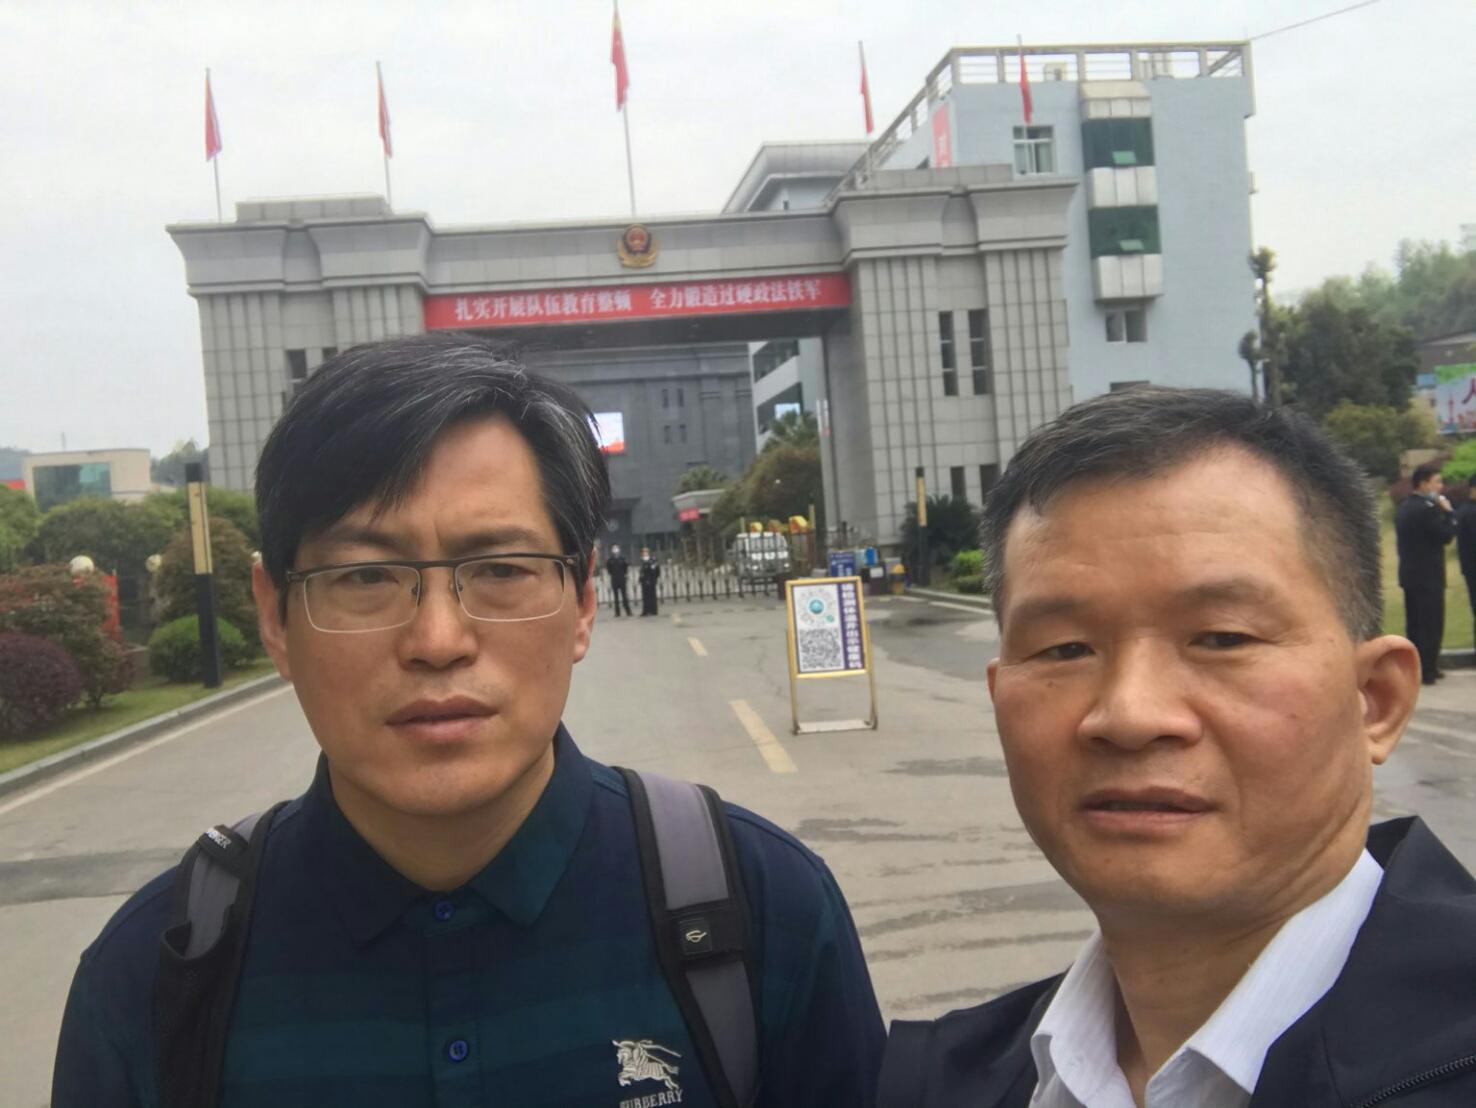 北京律師藺其磊和宋玉生3月17日至四川巴中監獄會見當事人黃琦受阻。19日前往溫州會見該案委託人黃琦案的母親,又遭鬧劇式傳喚。(受訪者提供)